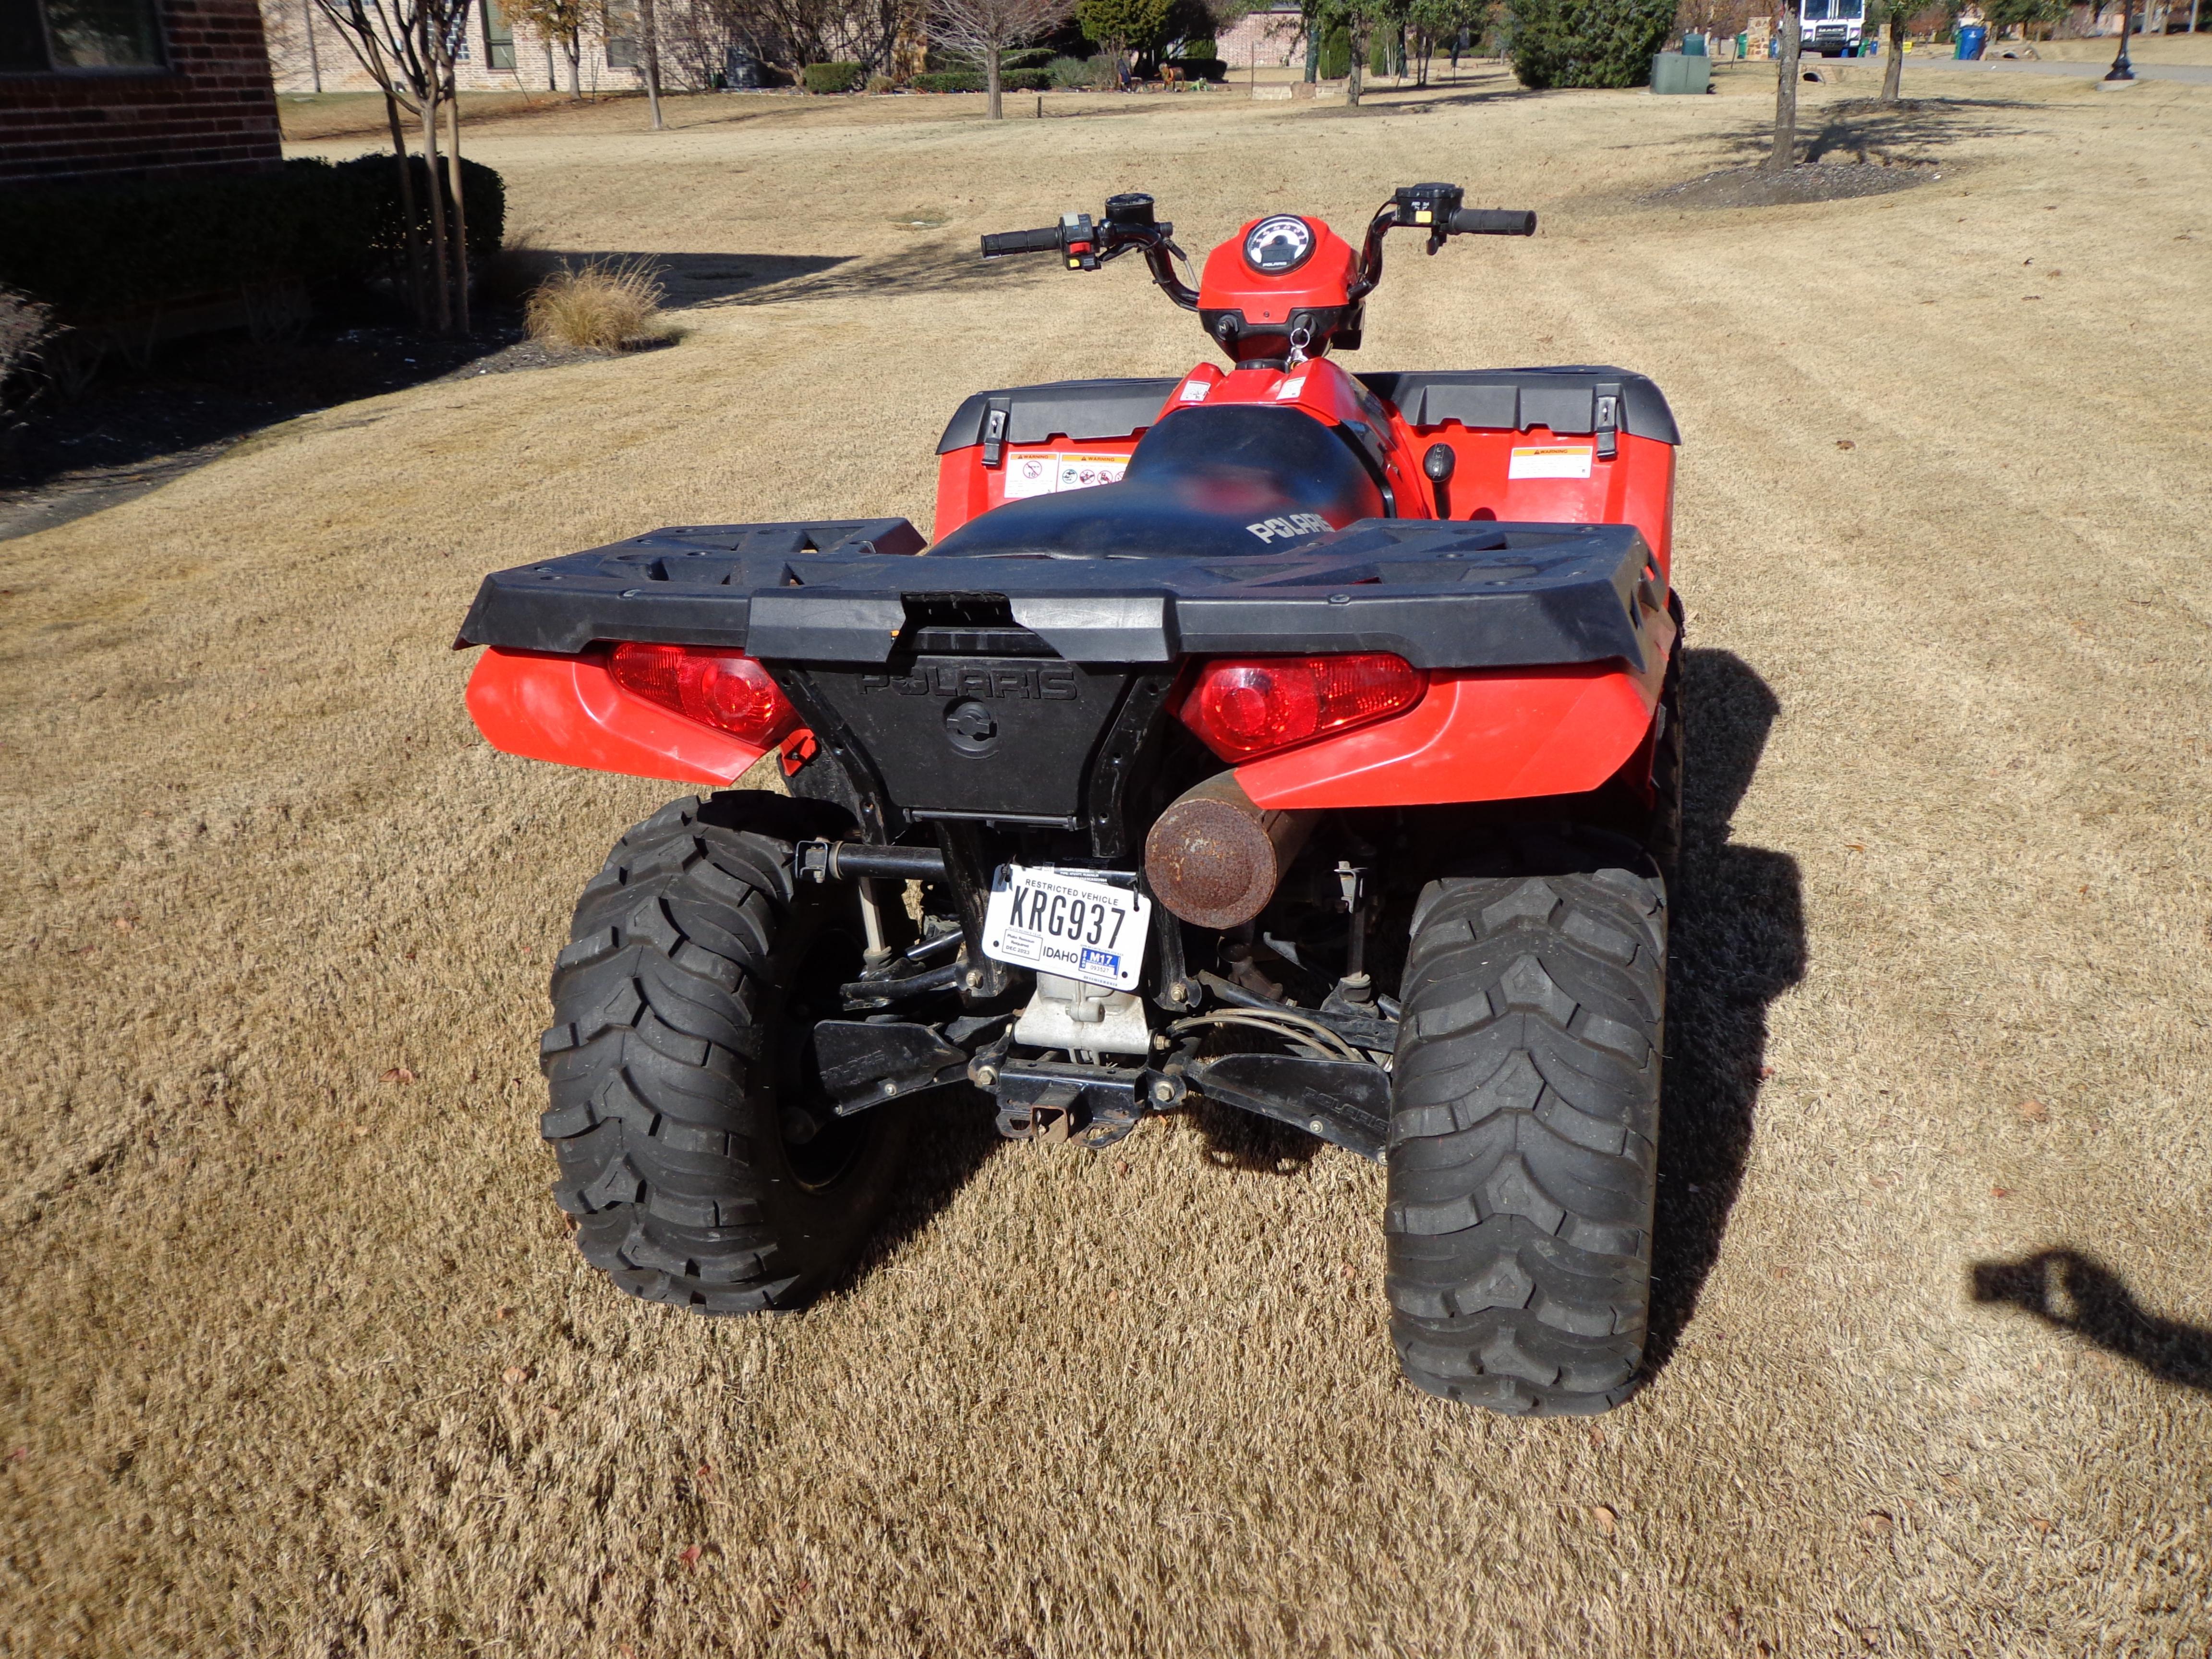 Polaris Sportsman 400 >> 2012 Sportsman 400 AWD - Polaris ATV Forum